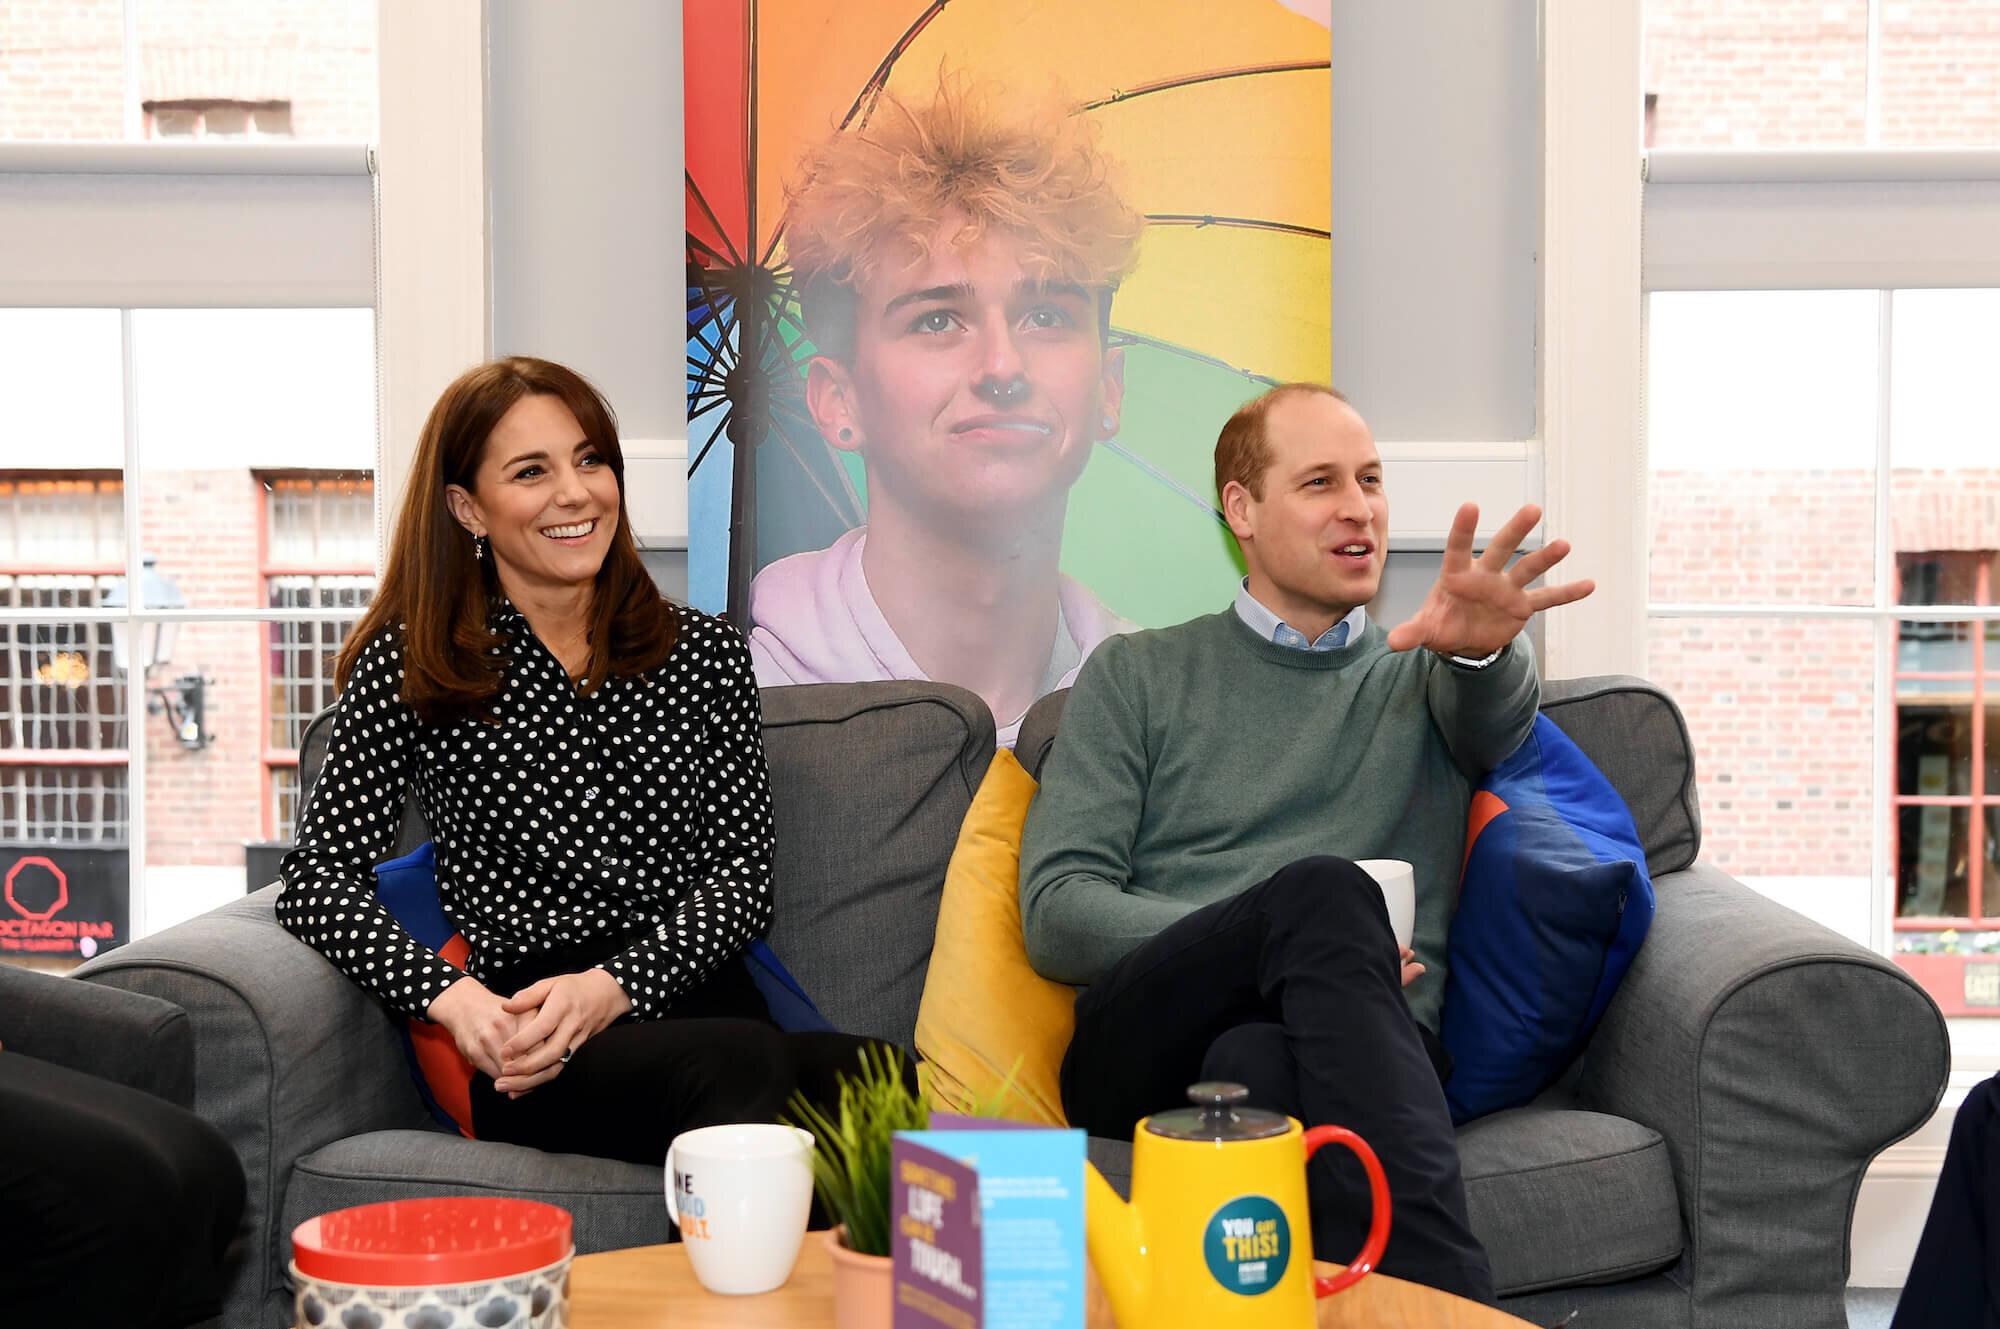 Herzogin Kate und Prinz William liegt das Thema mentale Gesundheit sehr am Herzen. © picture alliance / empics